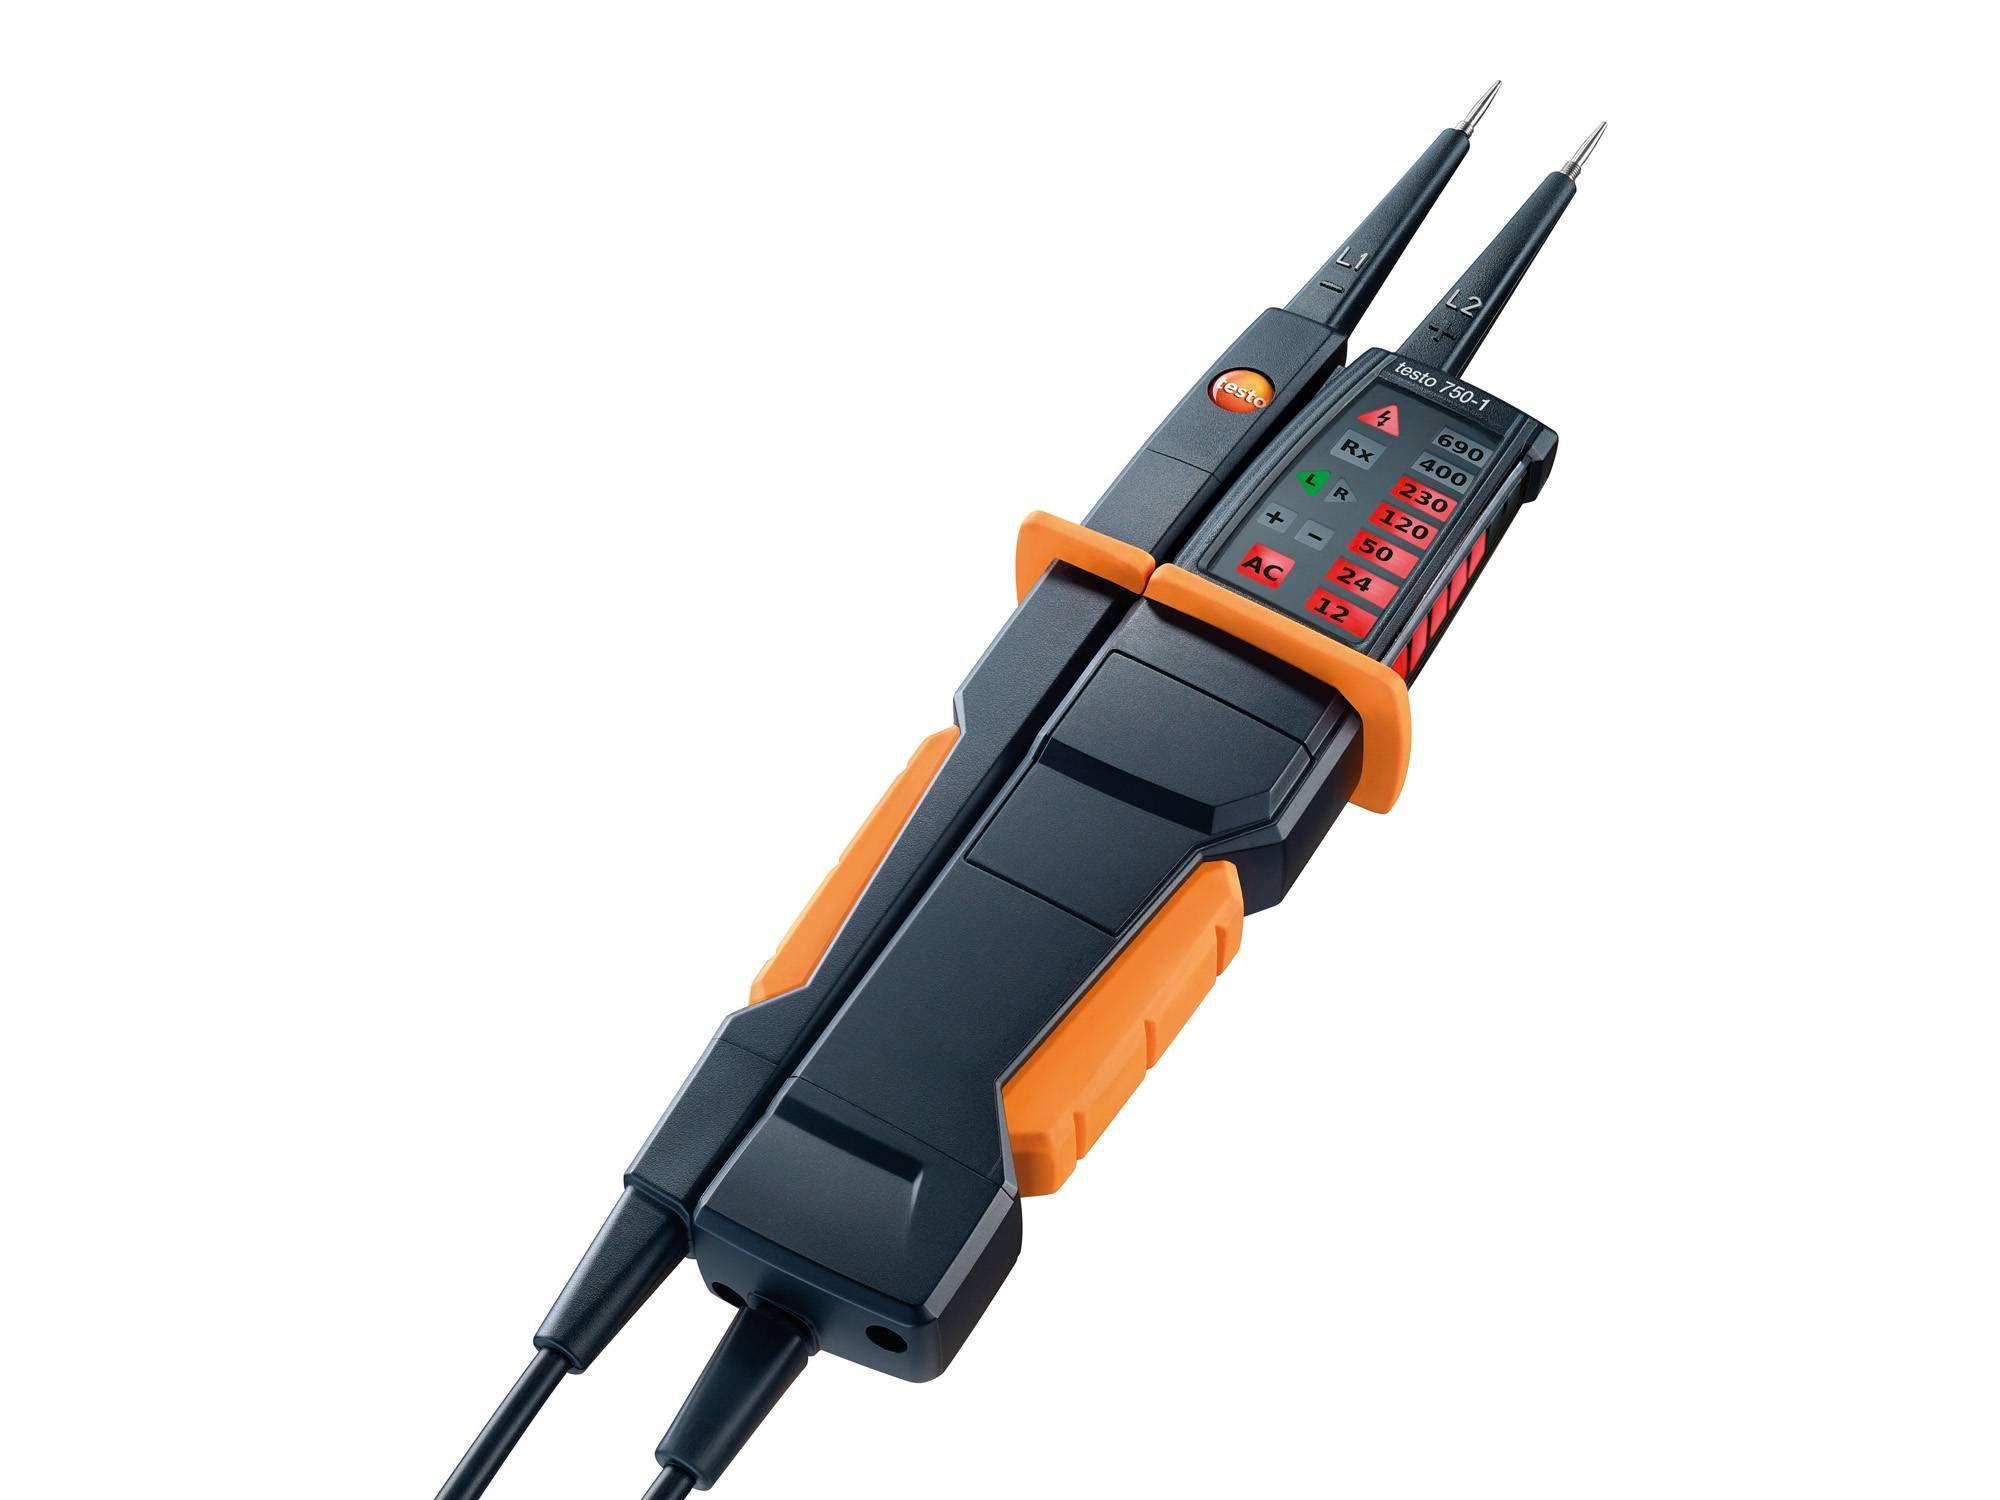 Spannungsprüfer testo 750-1